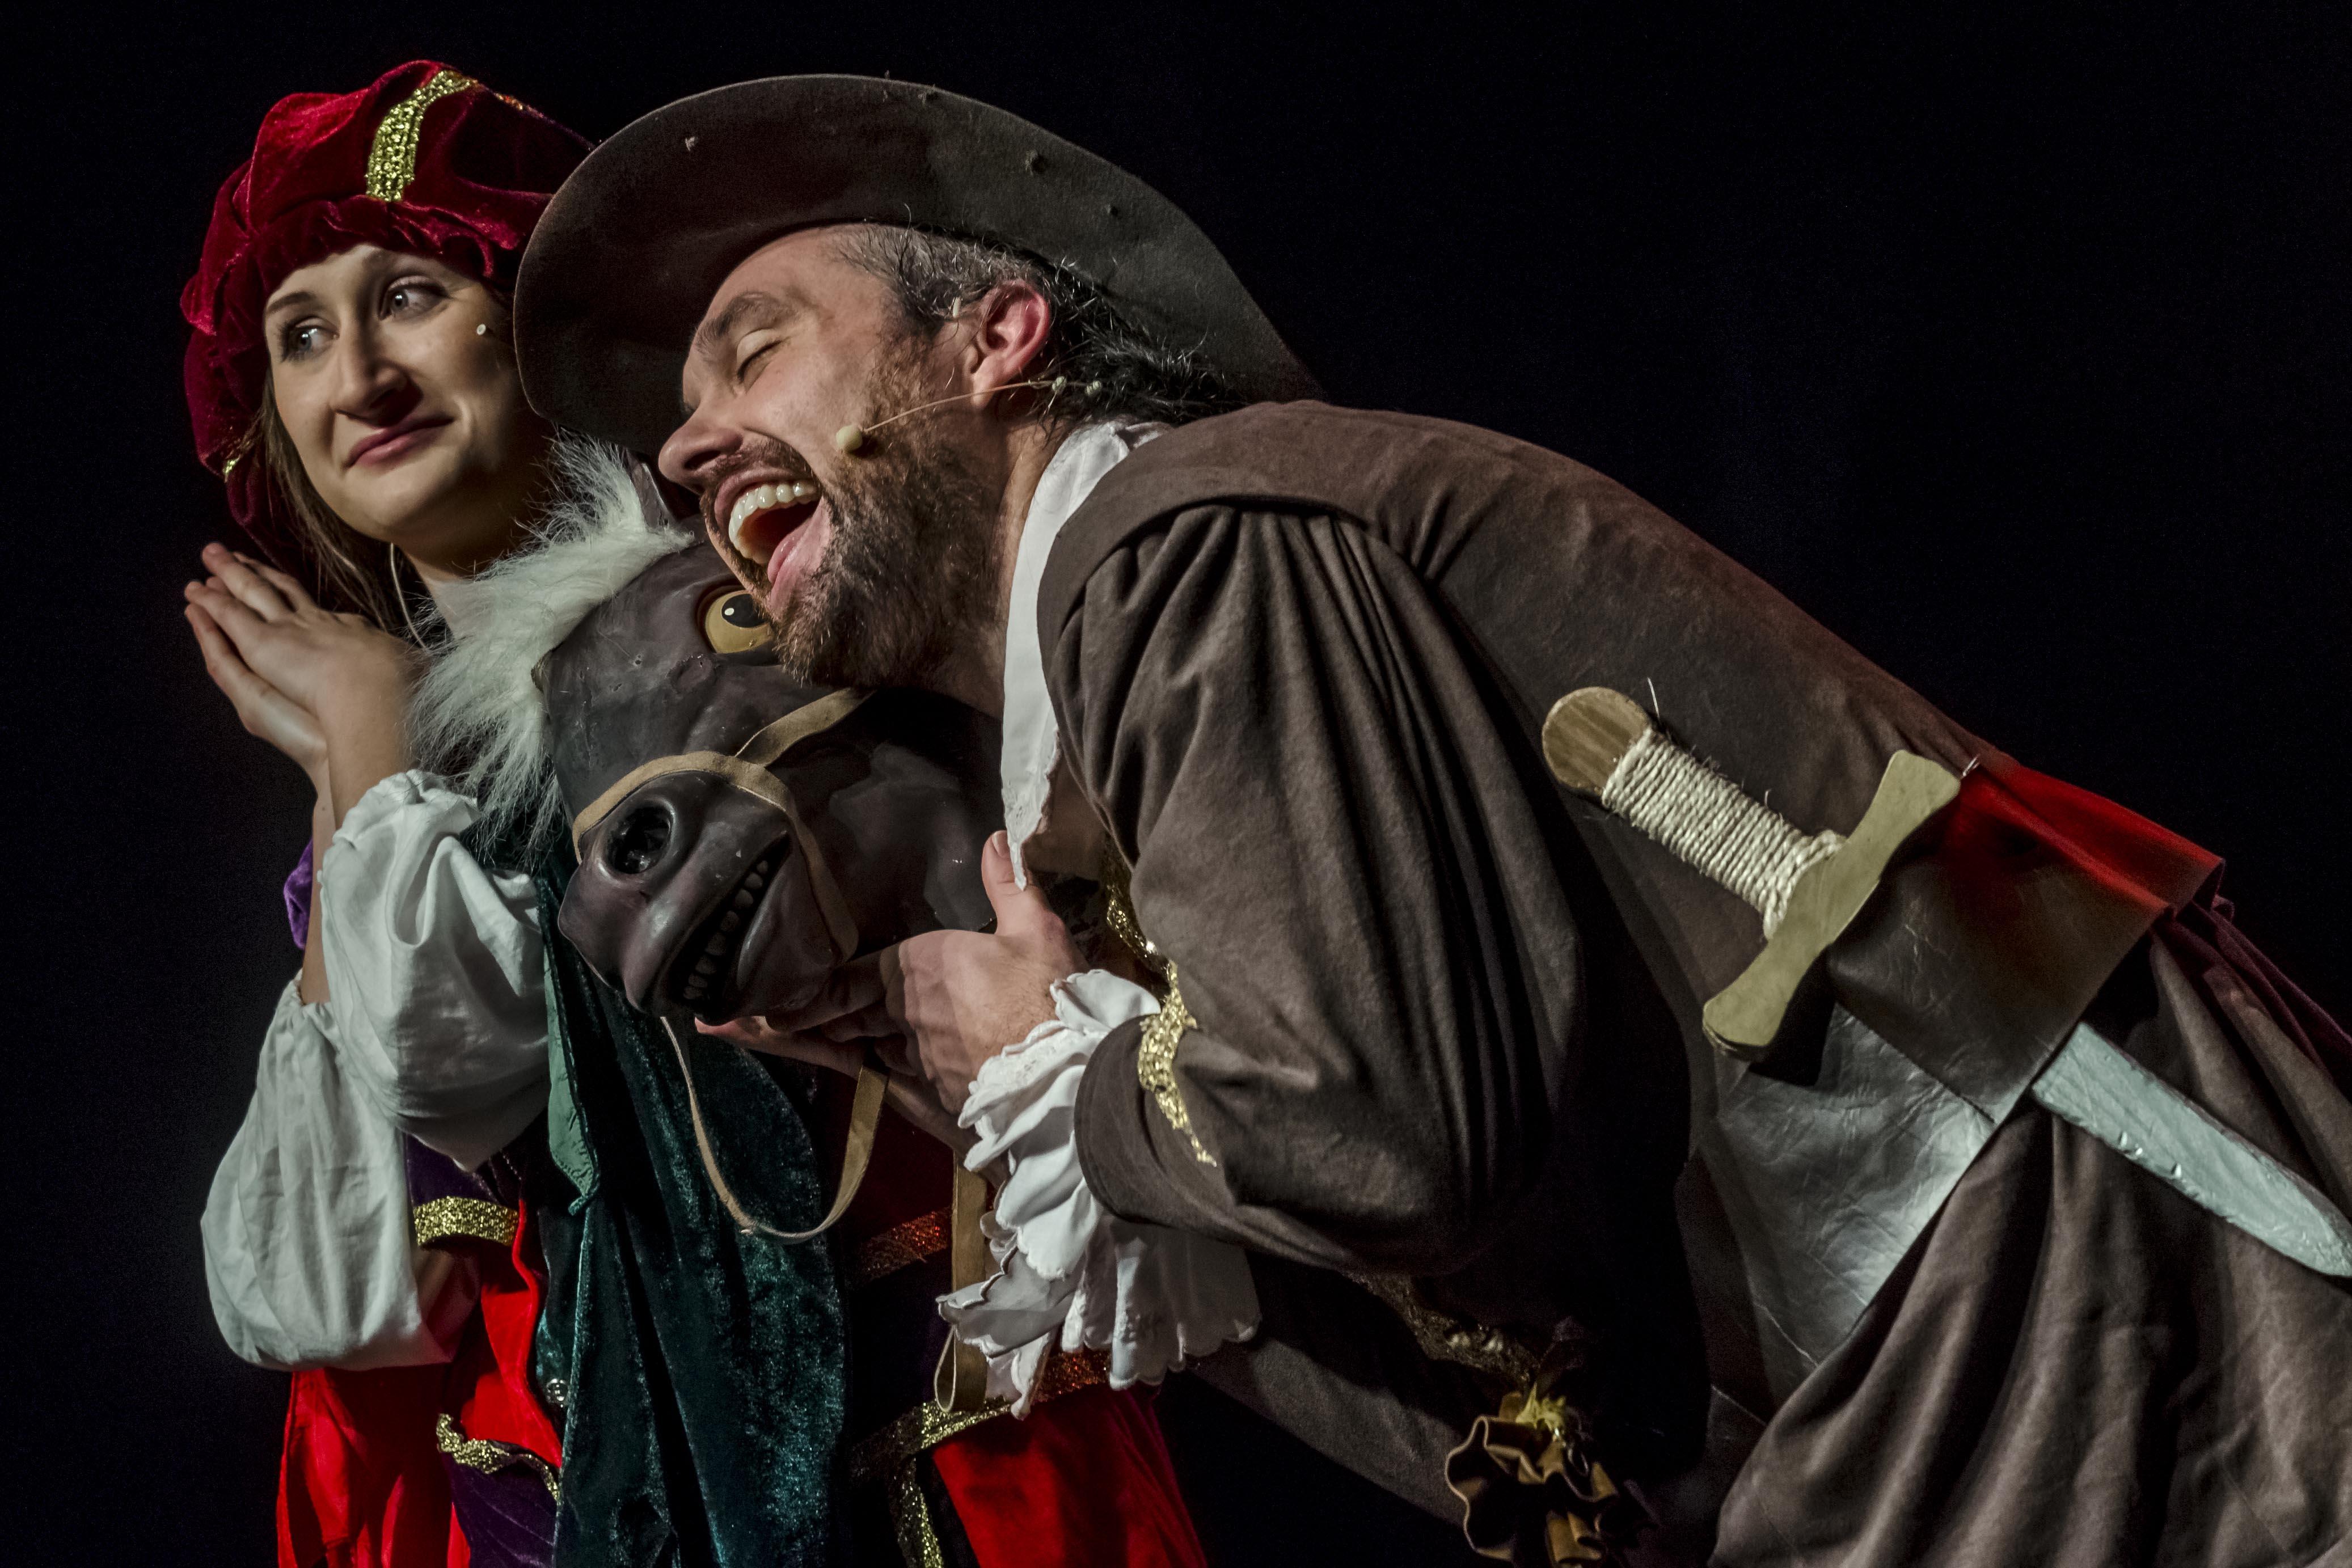 obra de teatro en inglés de D'Artagnan